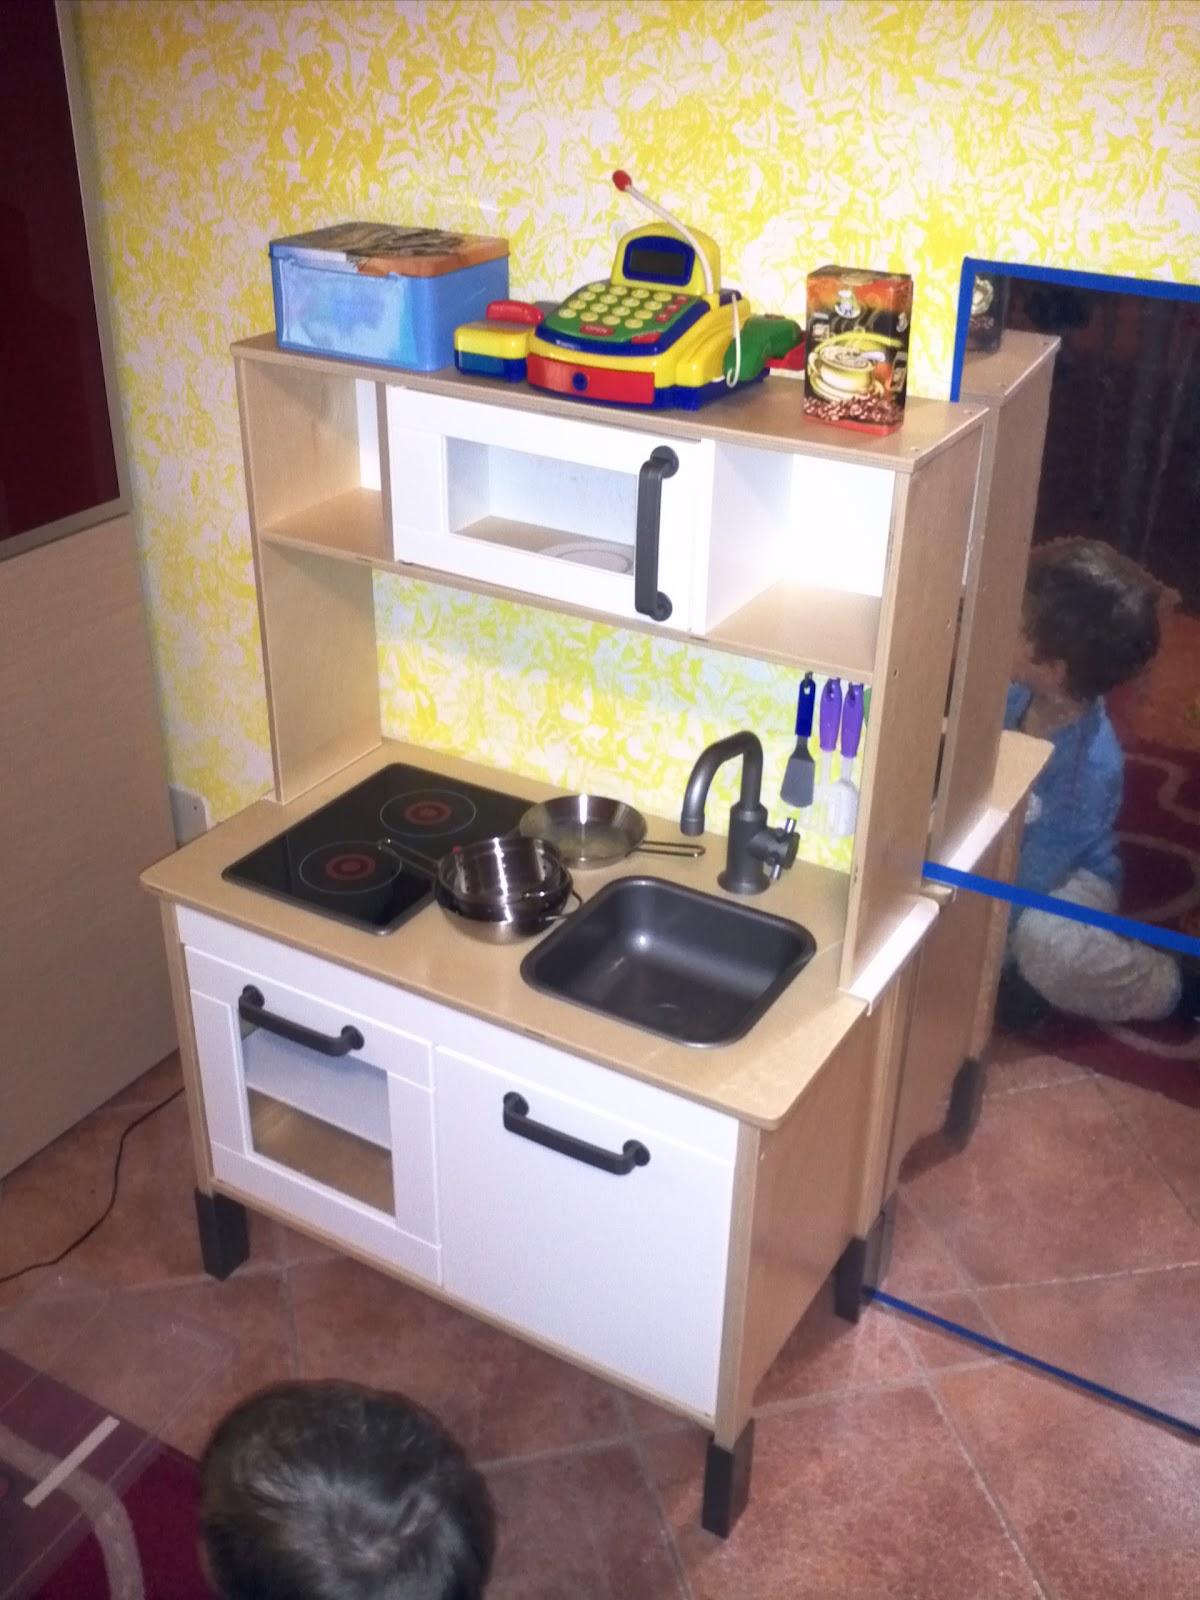 Accessori per la cucina ikea – Ricette Italiane popolari 2018